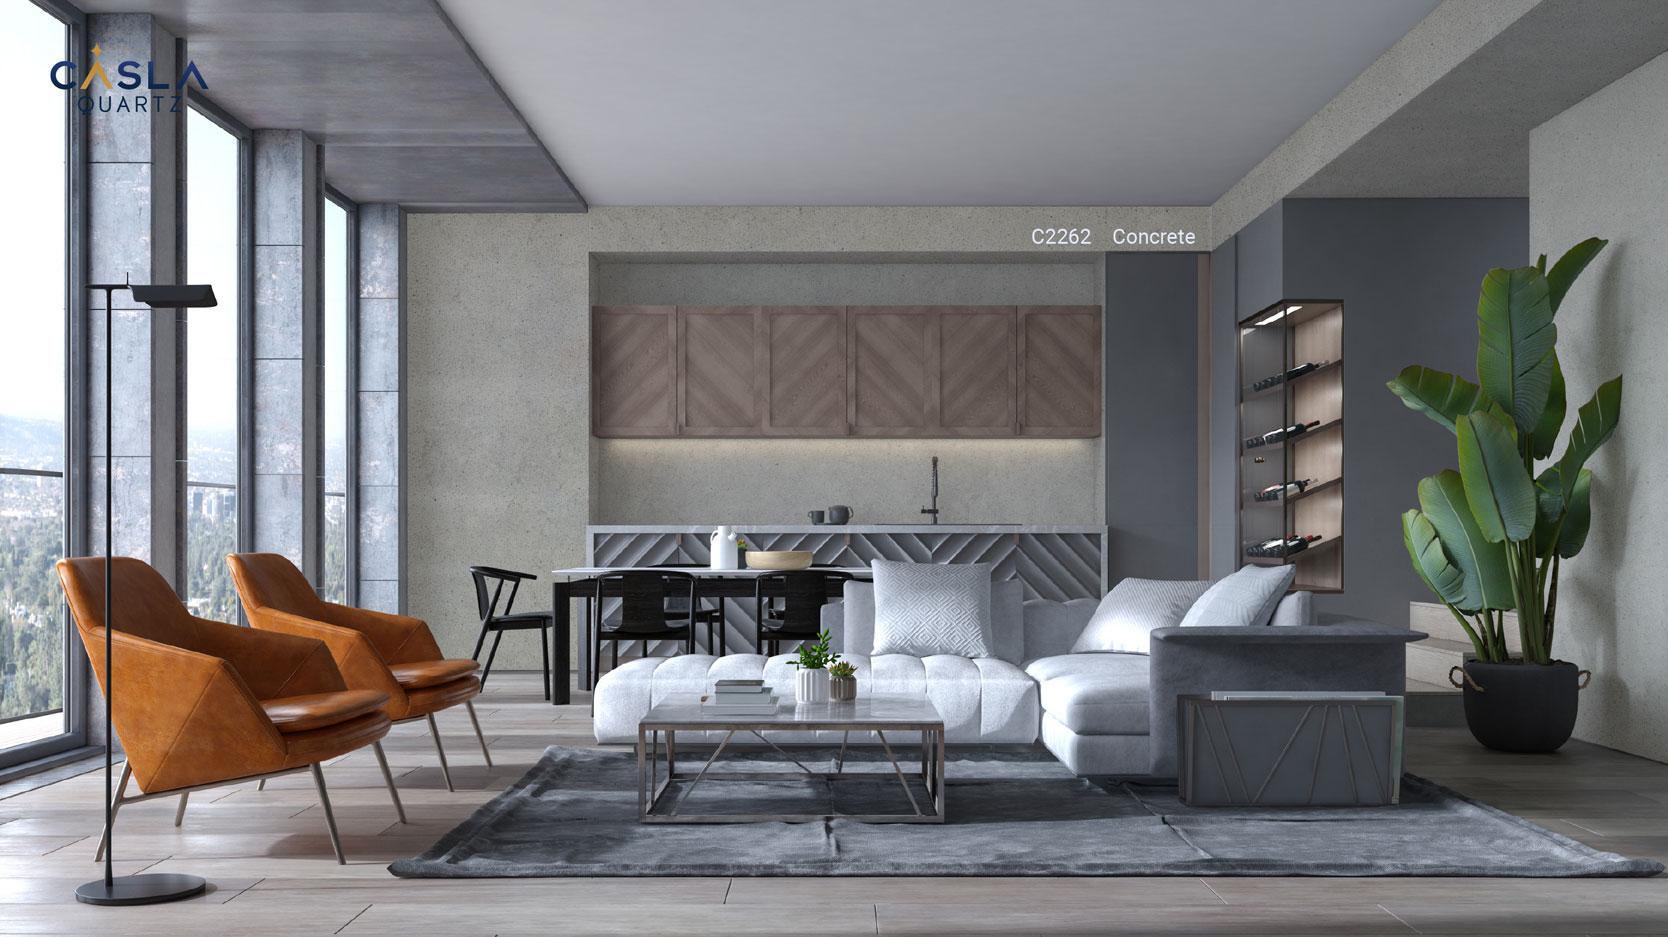 Đá thạch anh nhân tạo Concrete ốp tường phòng khách